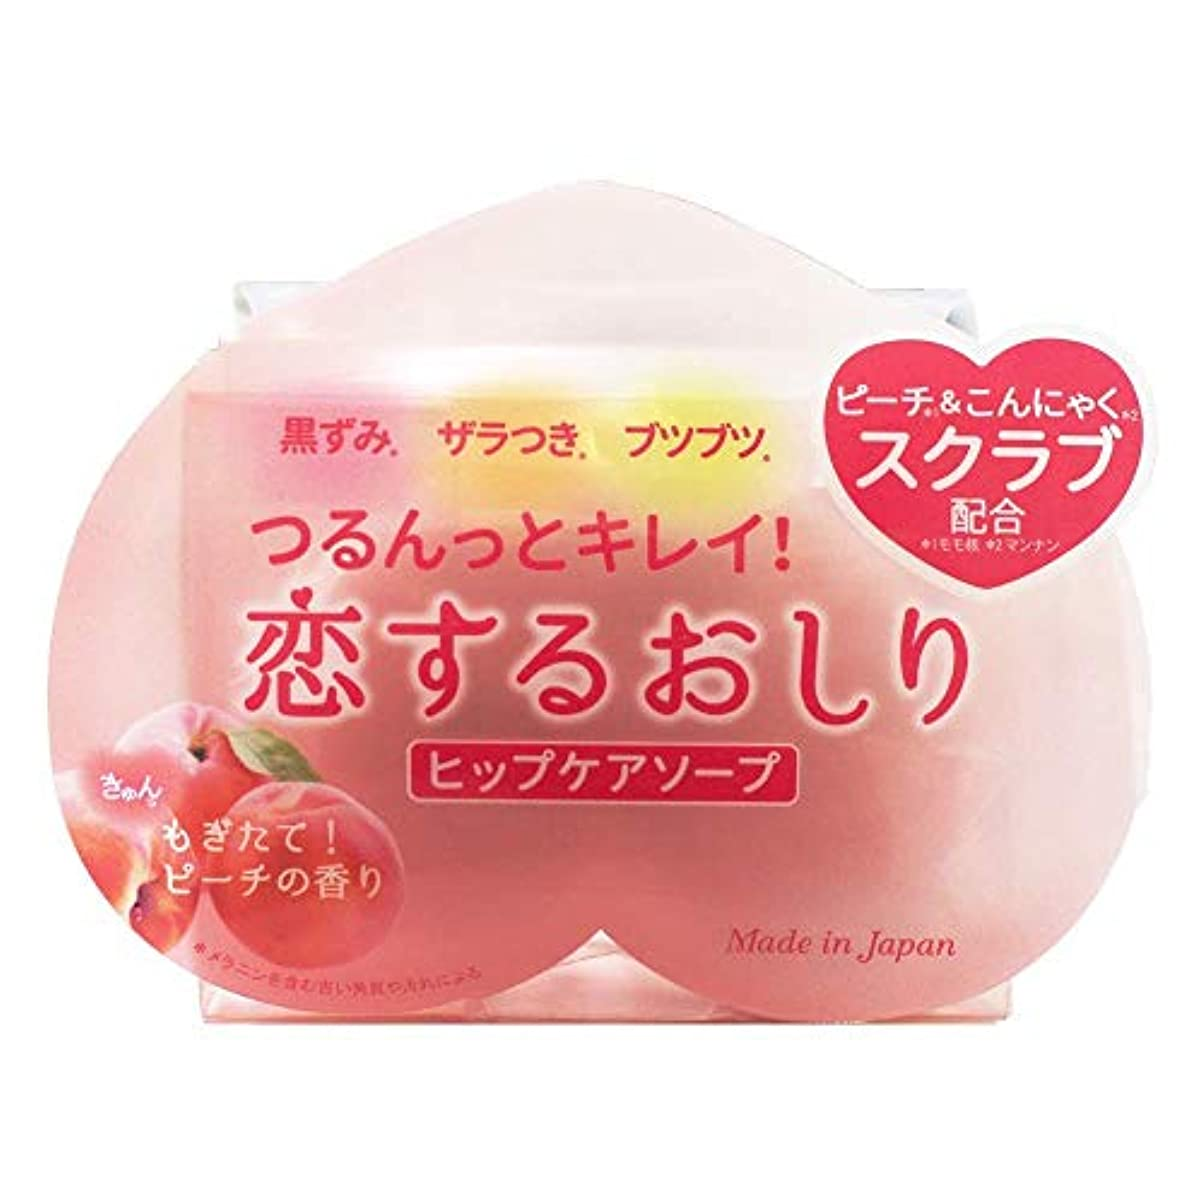 うねる予備フォアマン【まとめ買い】ペリカン石鹸 恋するおしり ヒップケアソープ 80g×2個